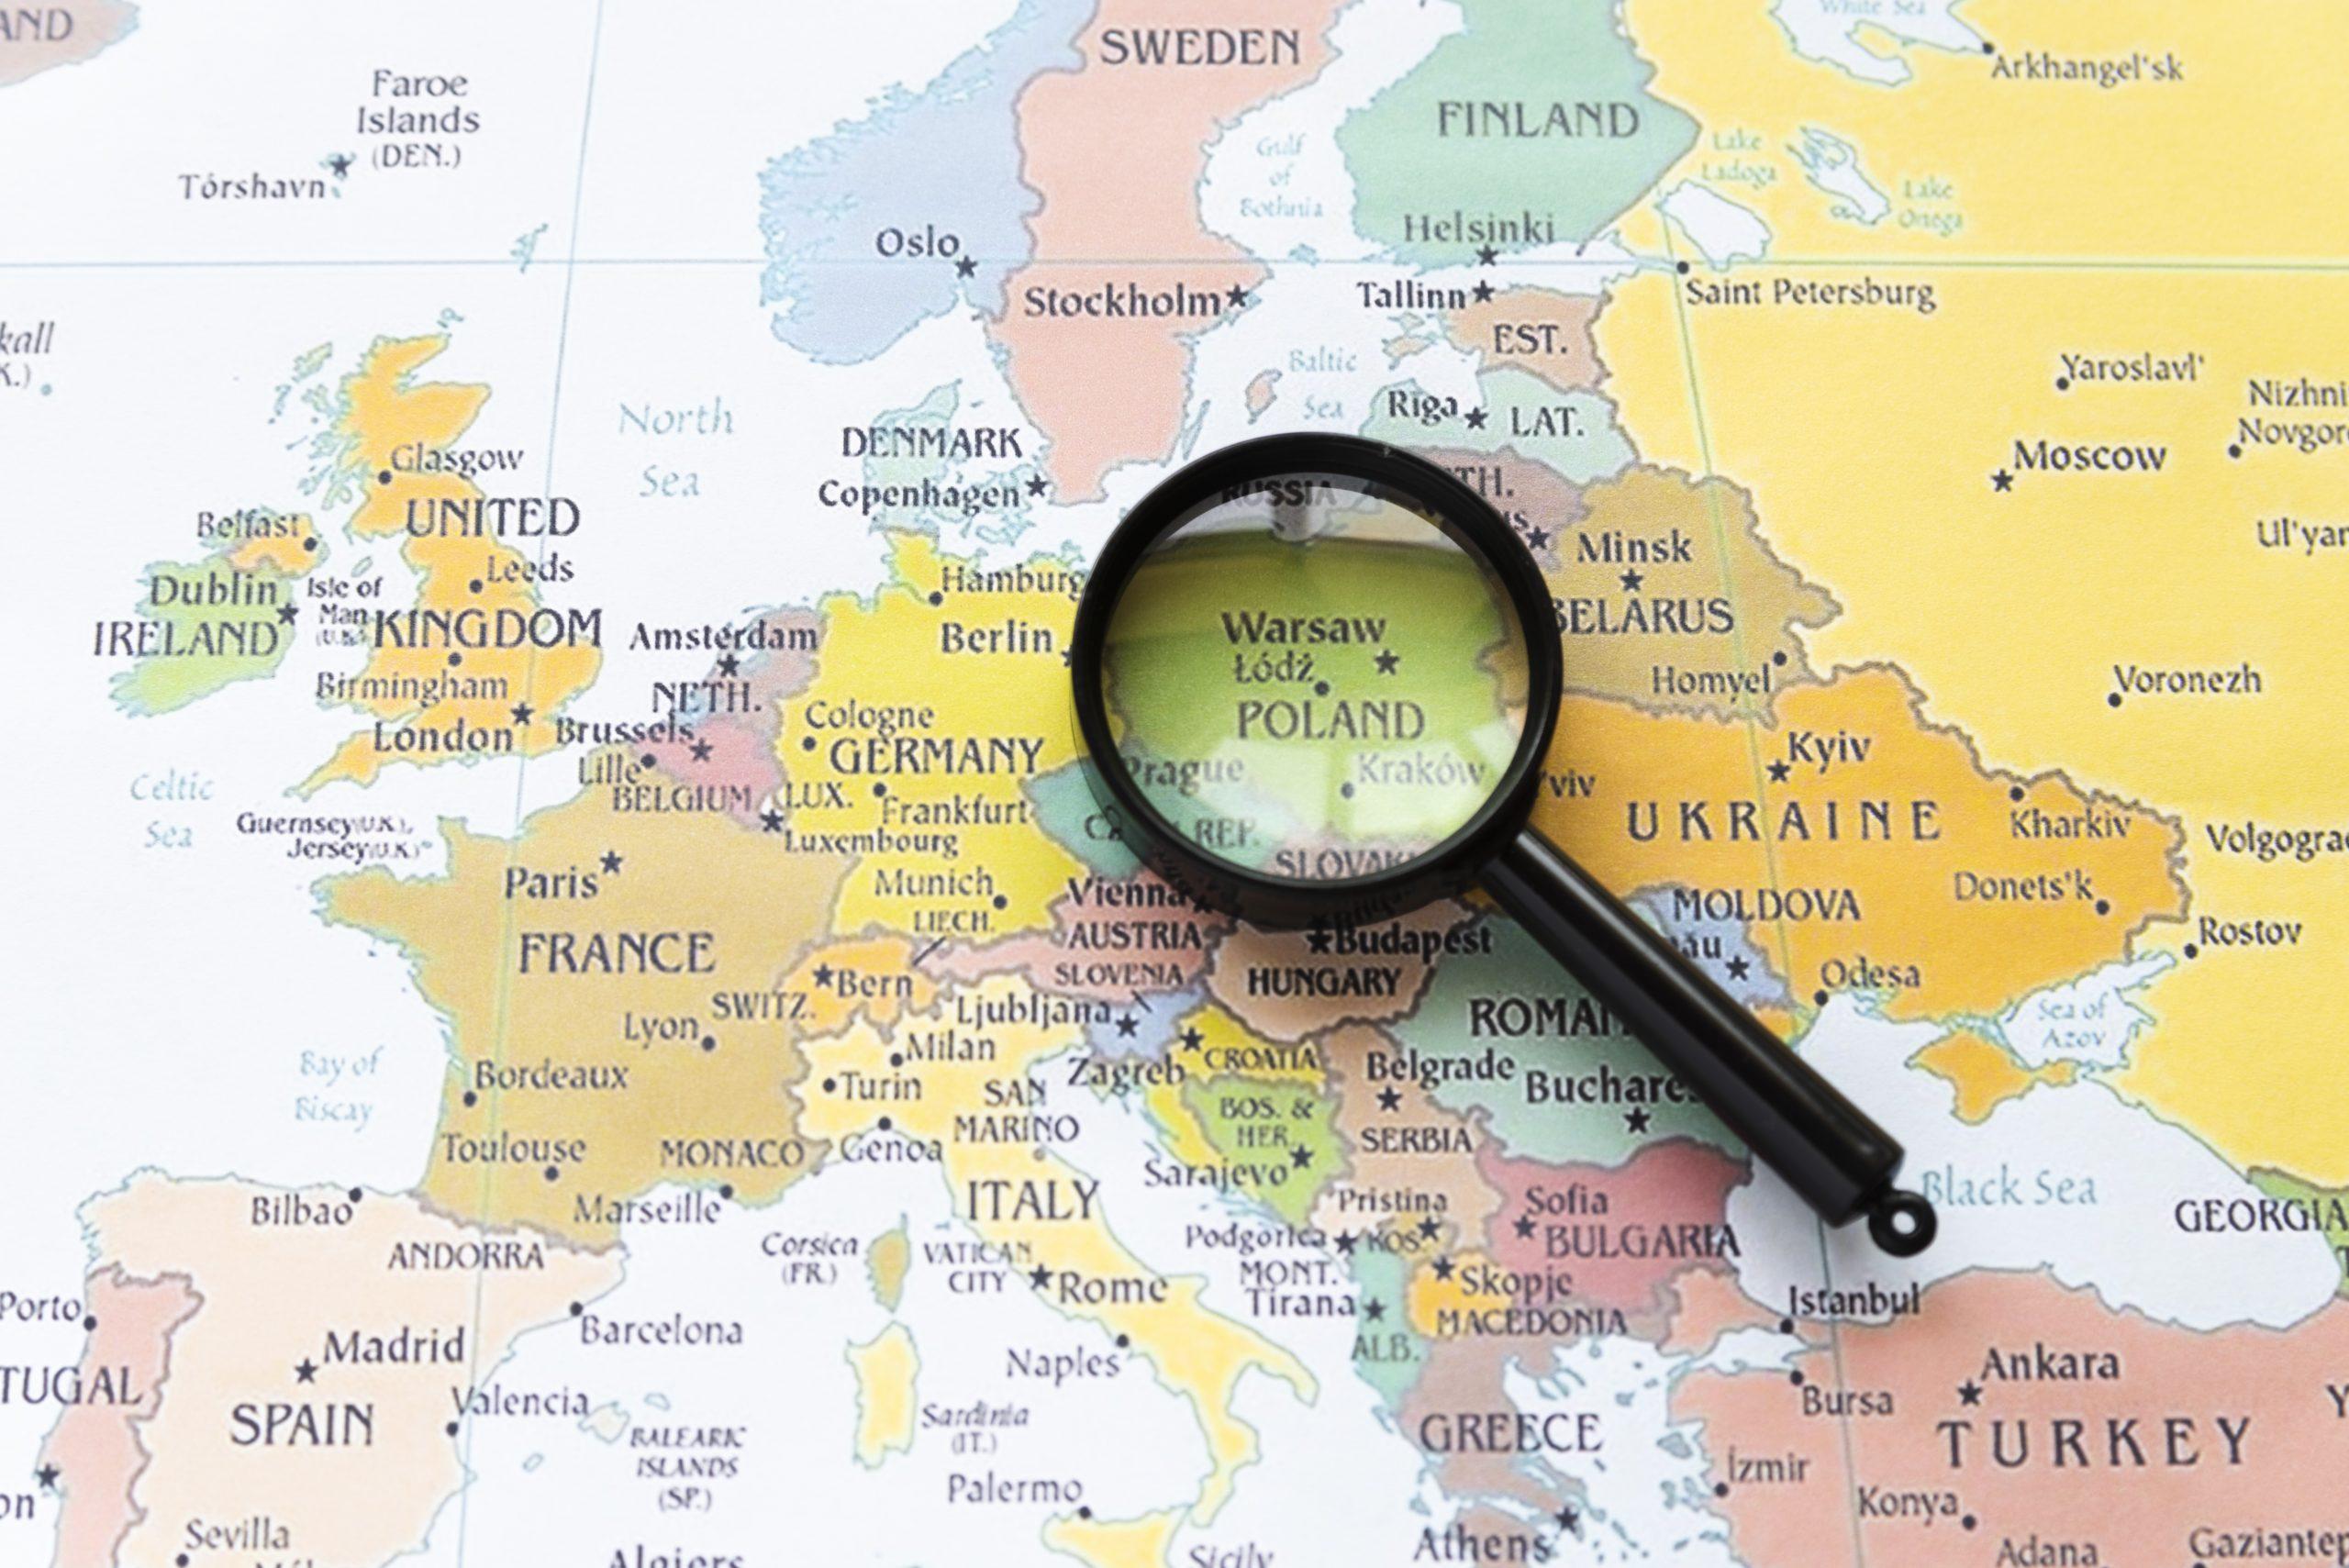 Как признаются и исполняются  решения польского суда в Республике Беларусь?